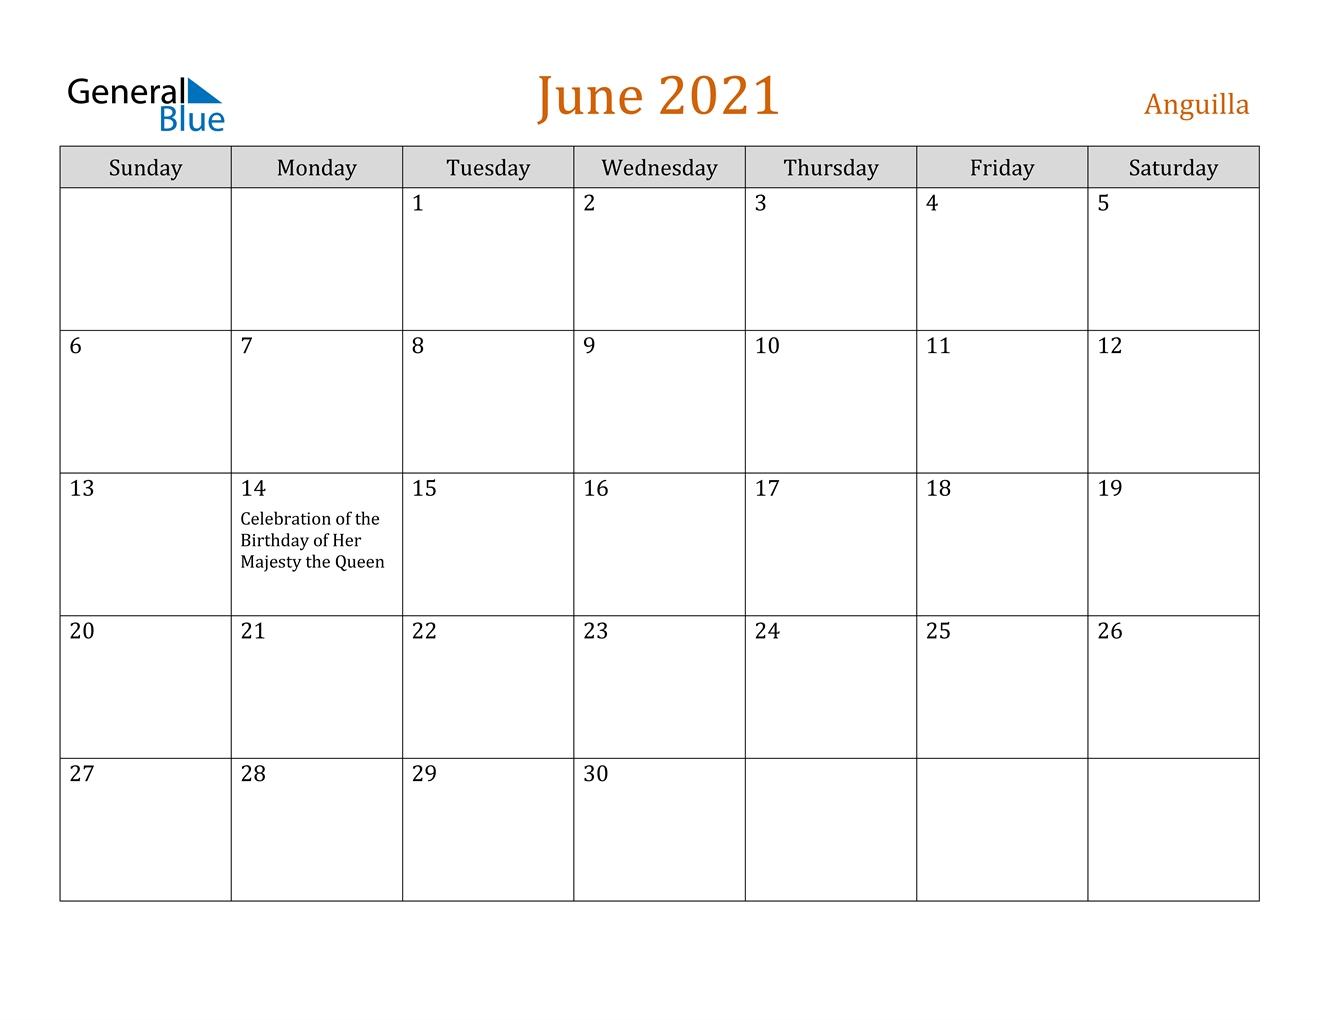 June 2021 Calendar Anguilla